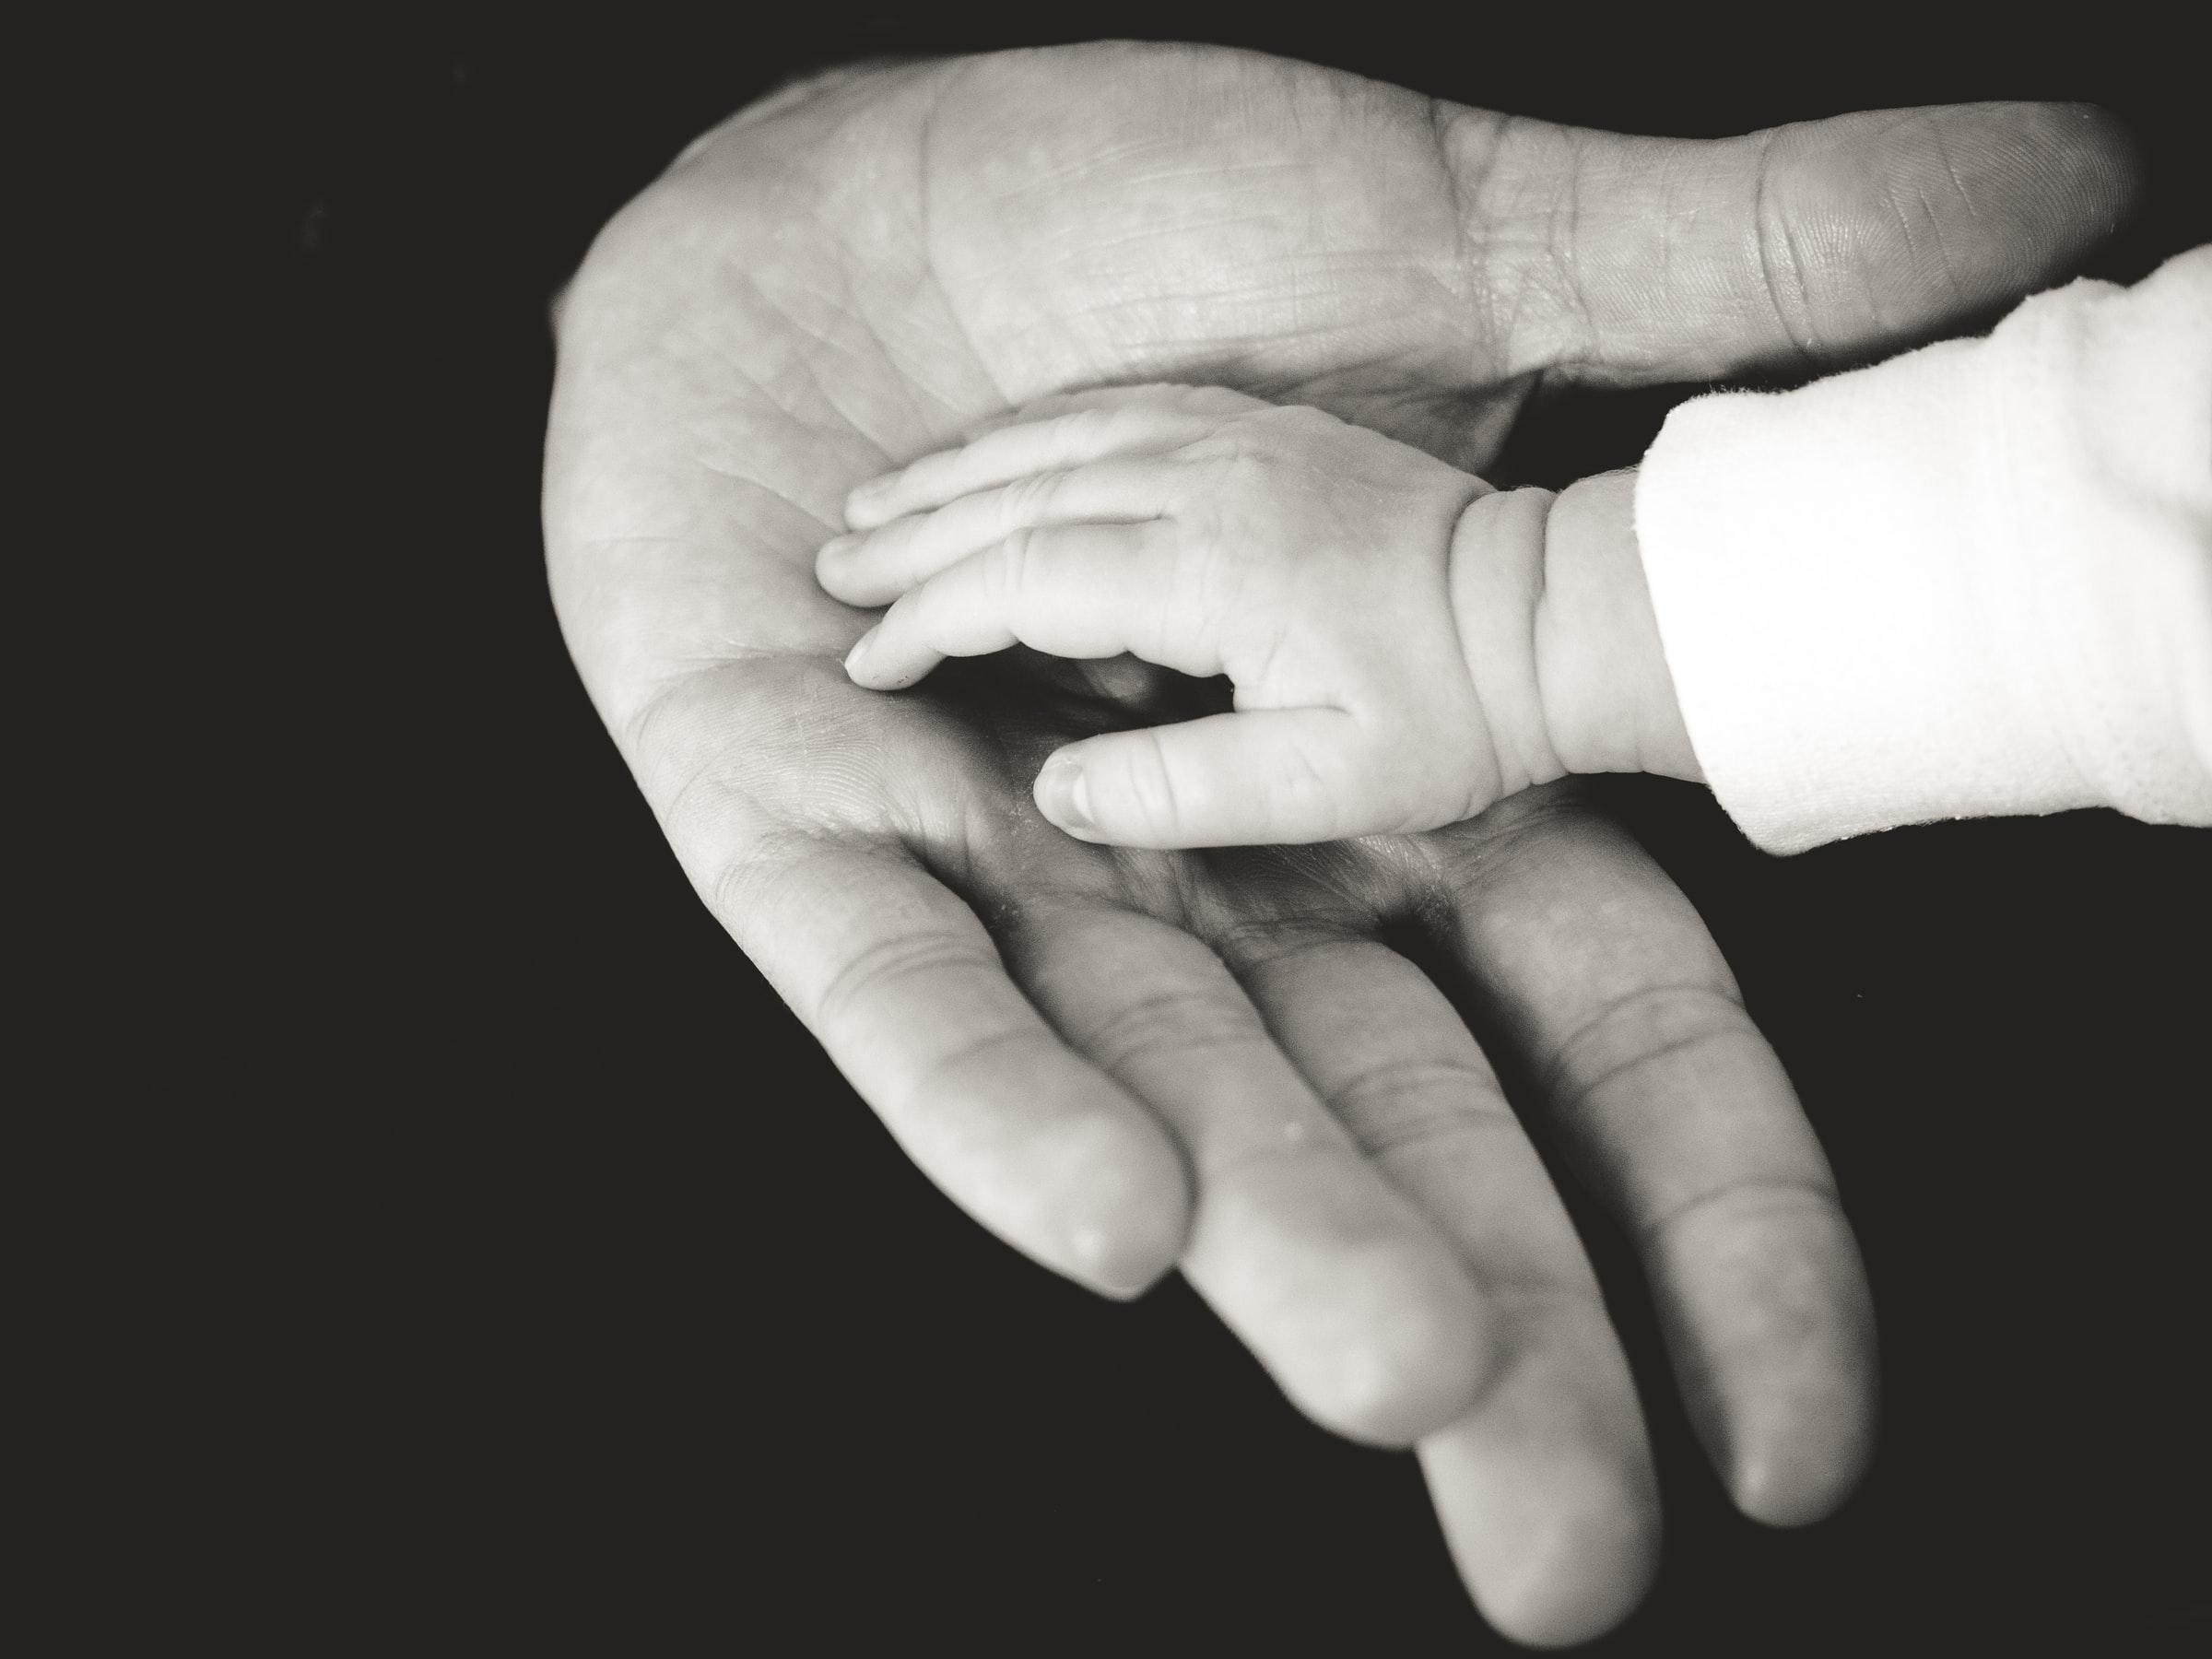 семья, семейный очаг, взаимодействие с миром